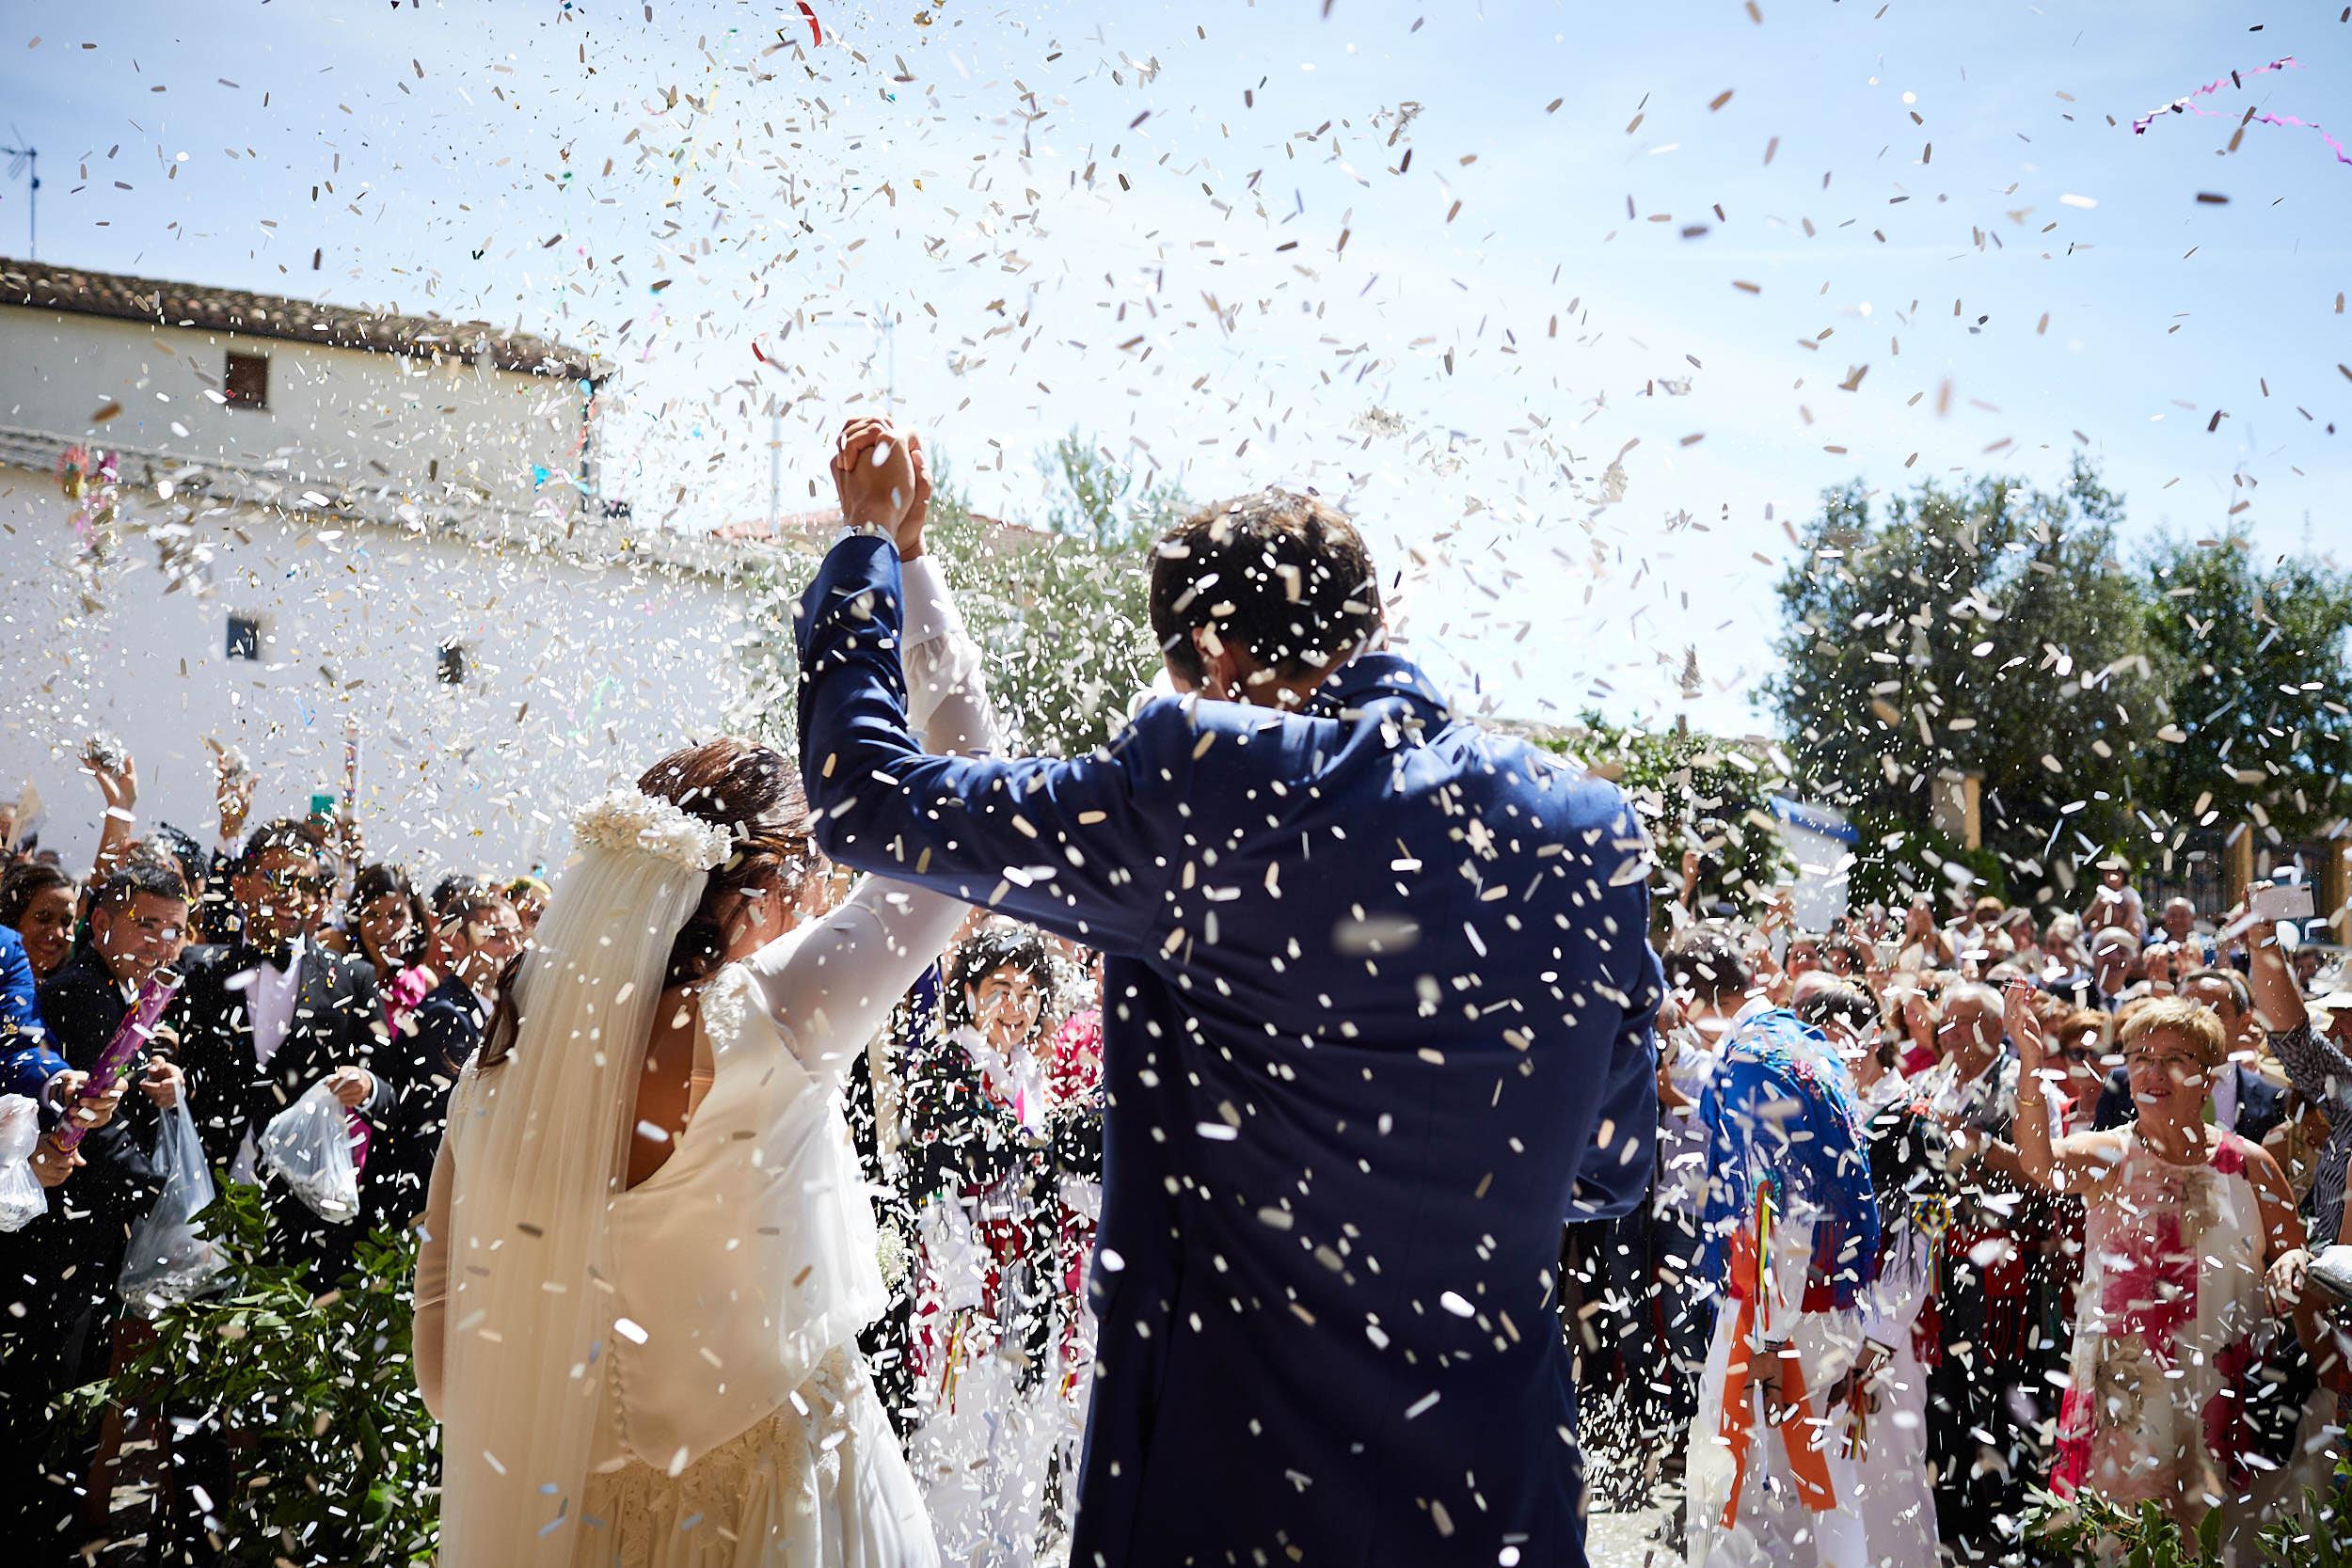 Fotógrafo de boda con estilo documental y fotoperiodismo en La Rioja Palacio Casafuerte Zarraton La Rioja Spain James Sturcke Photographer sturcke.org_00017.jpg